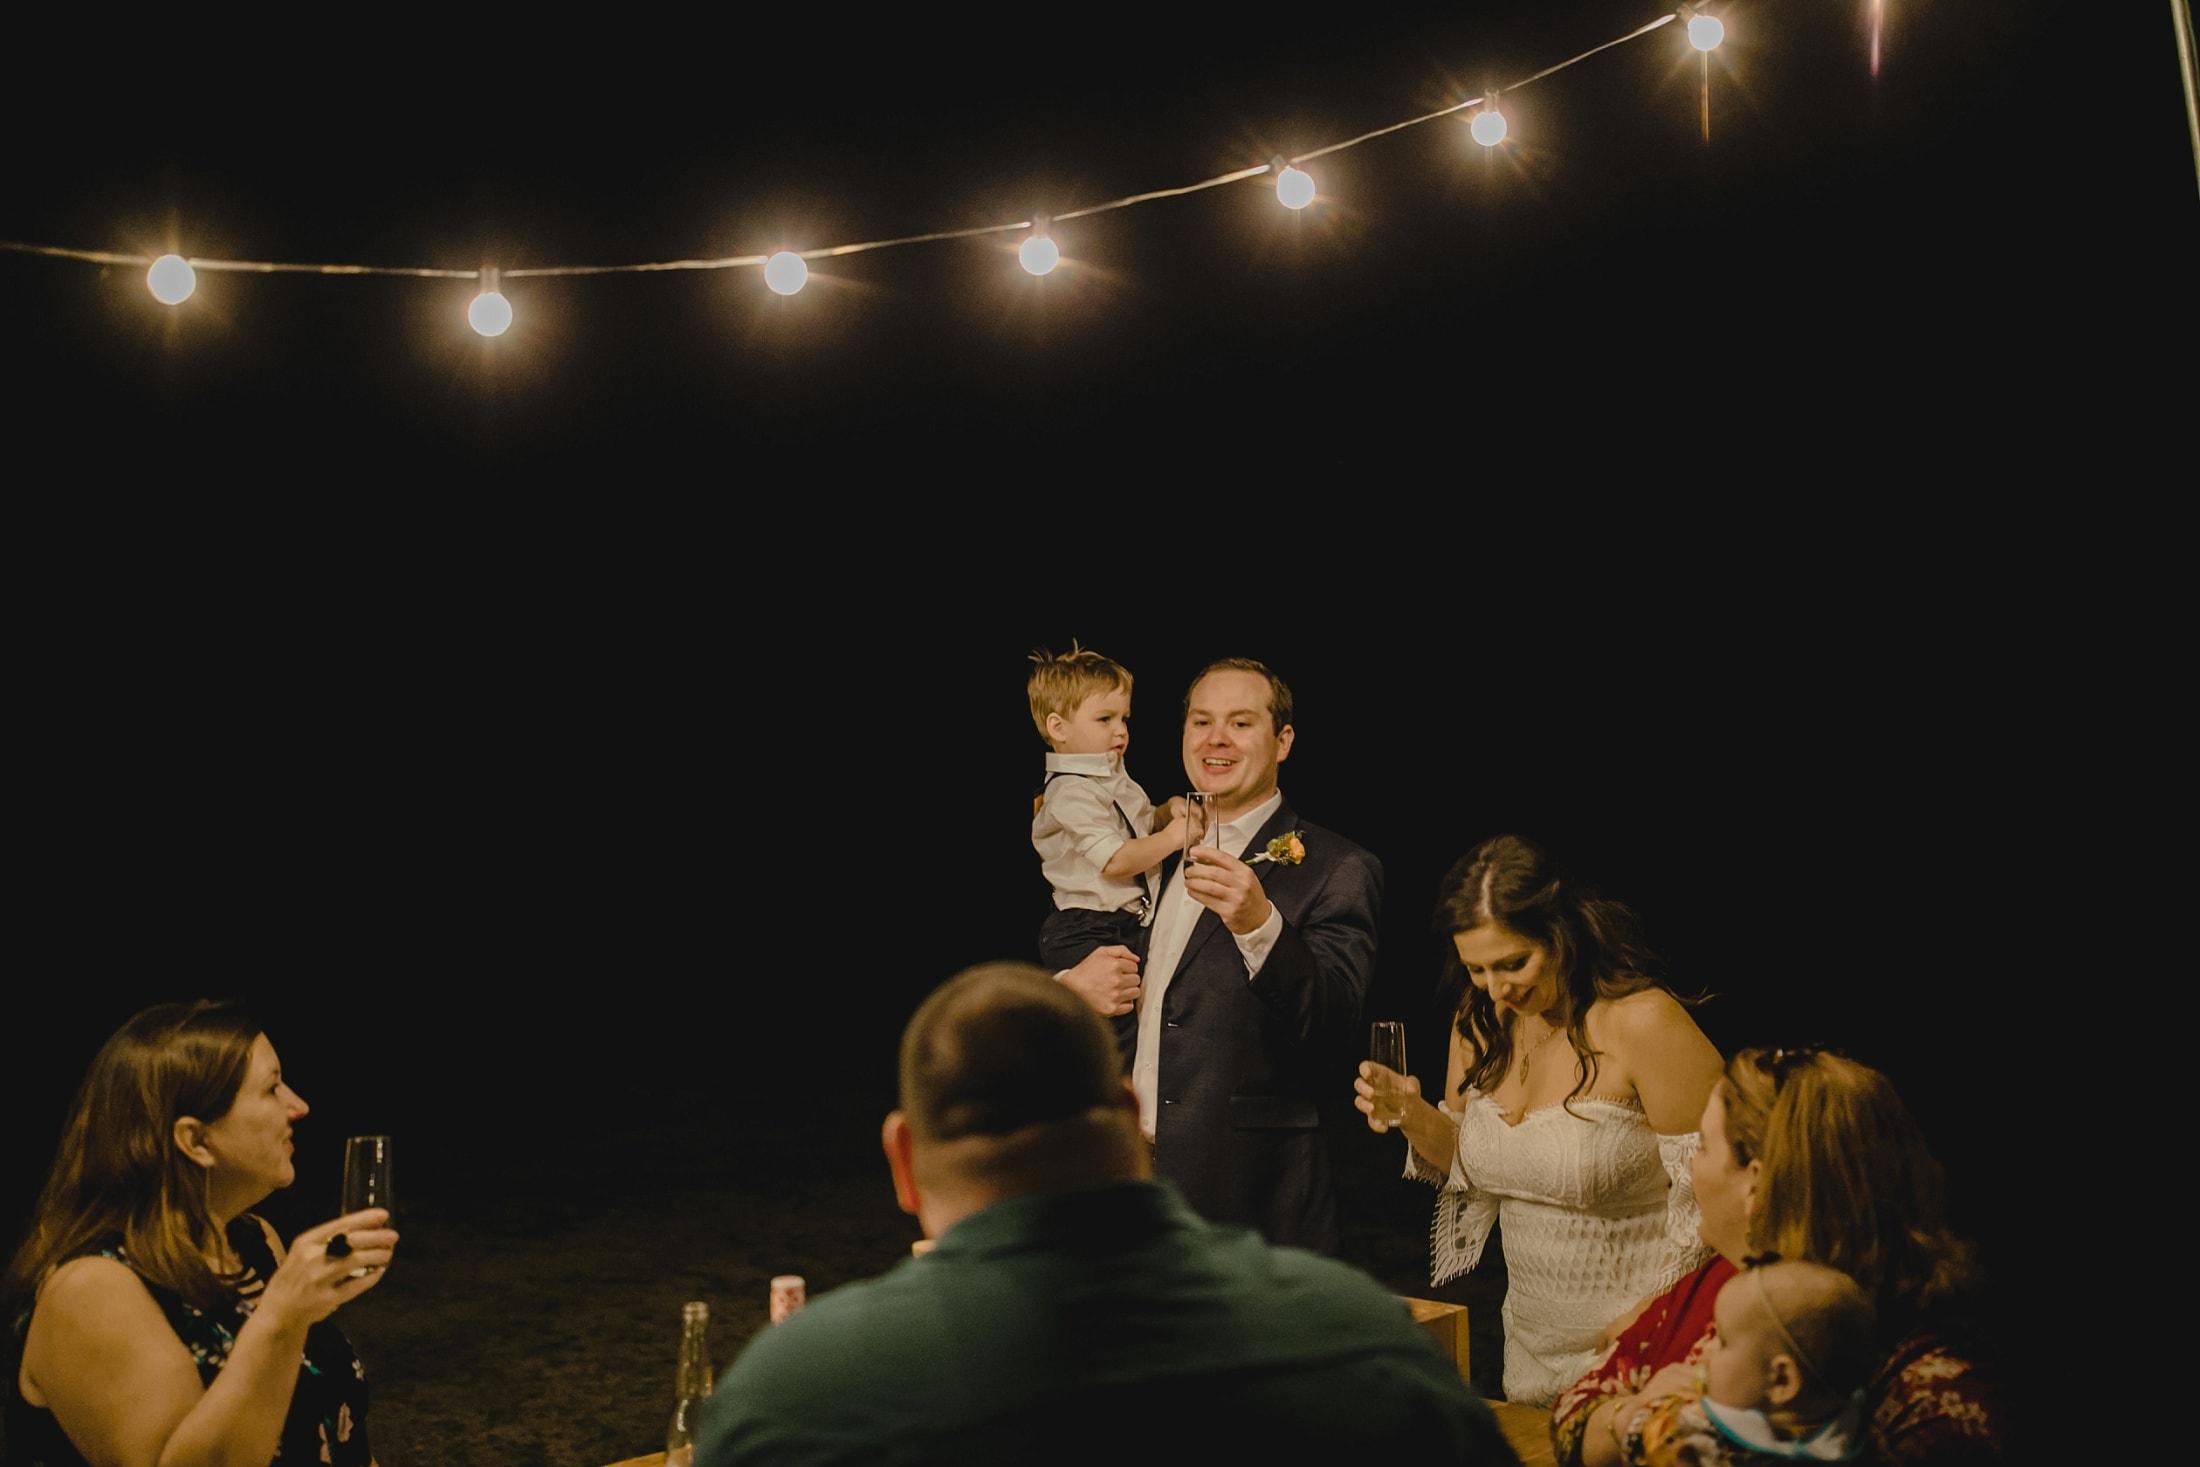 wedding toast outdoor small wedding in Arizona